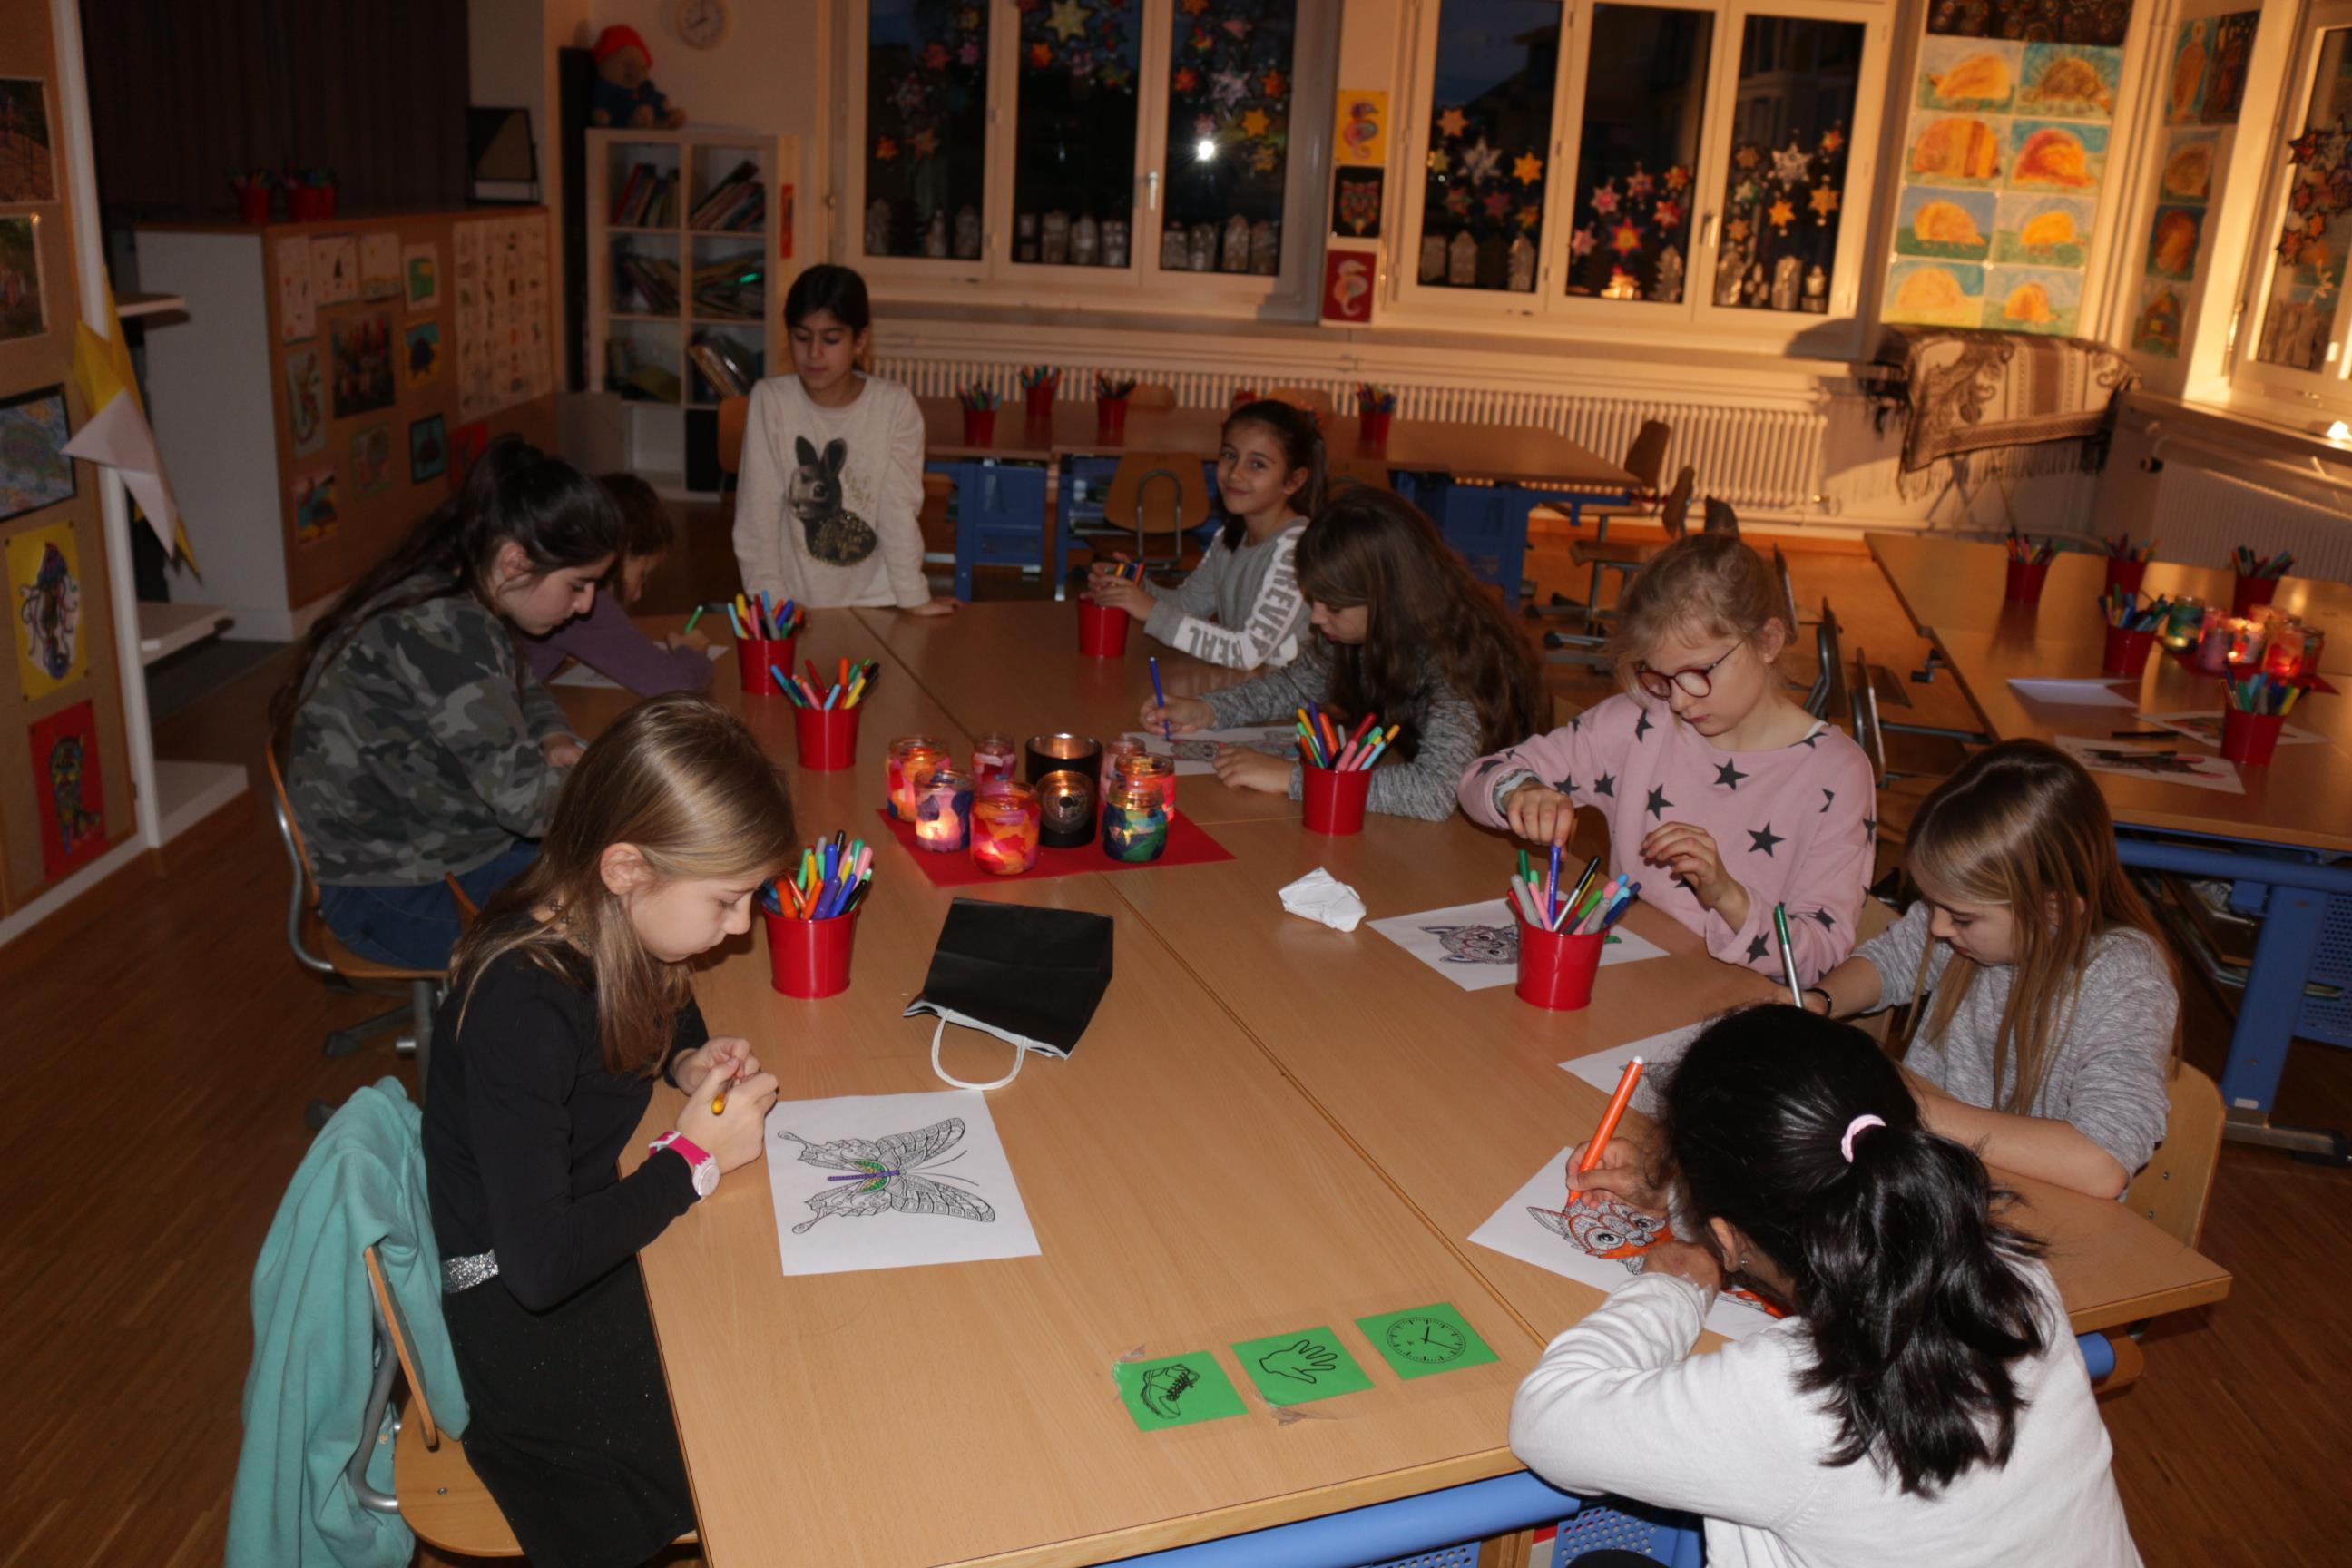 https://primarschule-steinmaur.ch/wp-content/uploads/2018/12/IMG_9192-Copy.jpg